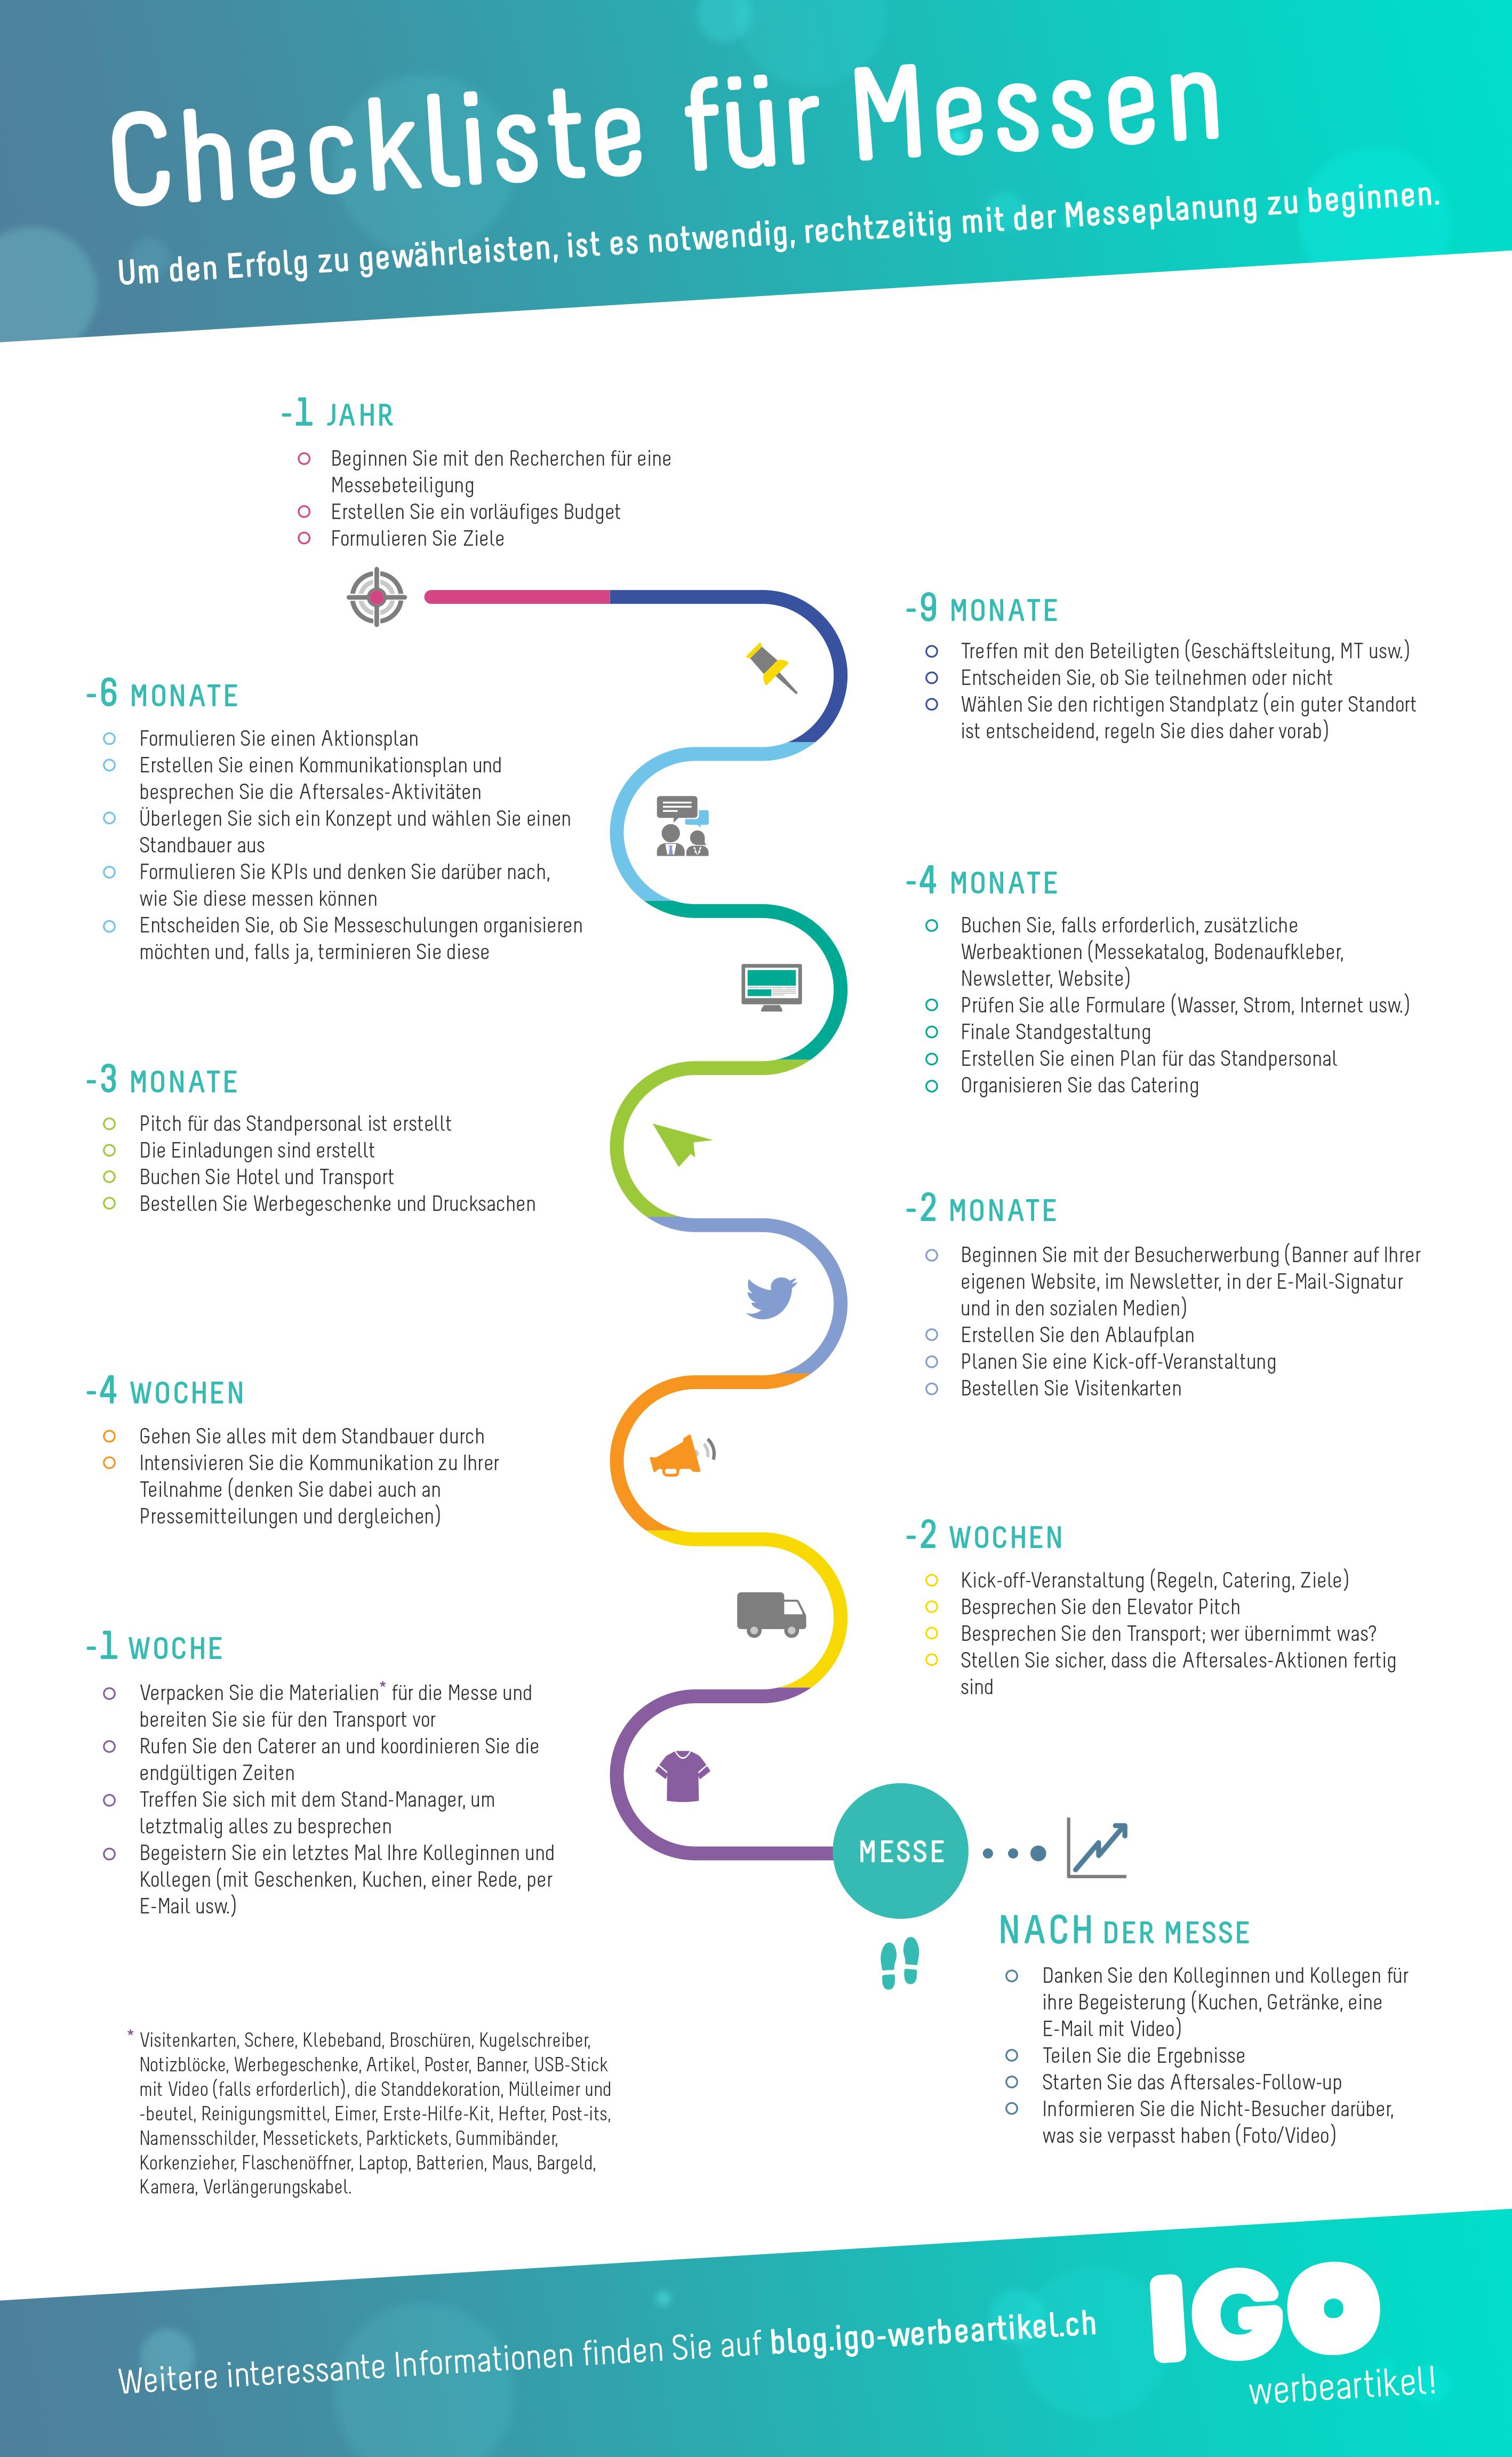 Checkliste für Messen